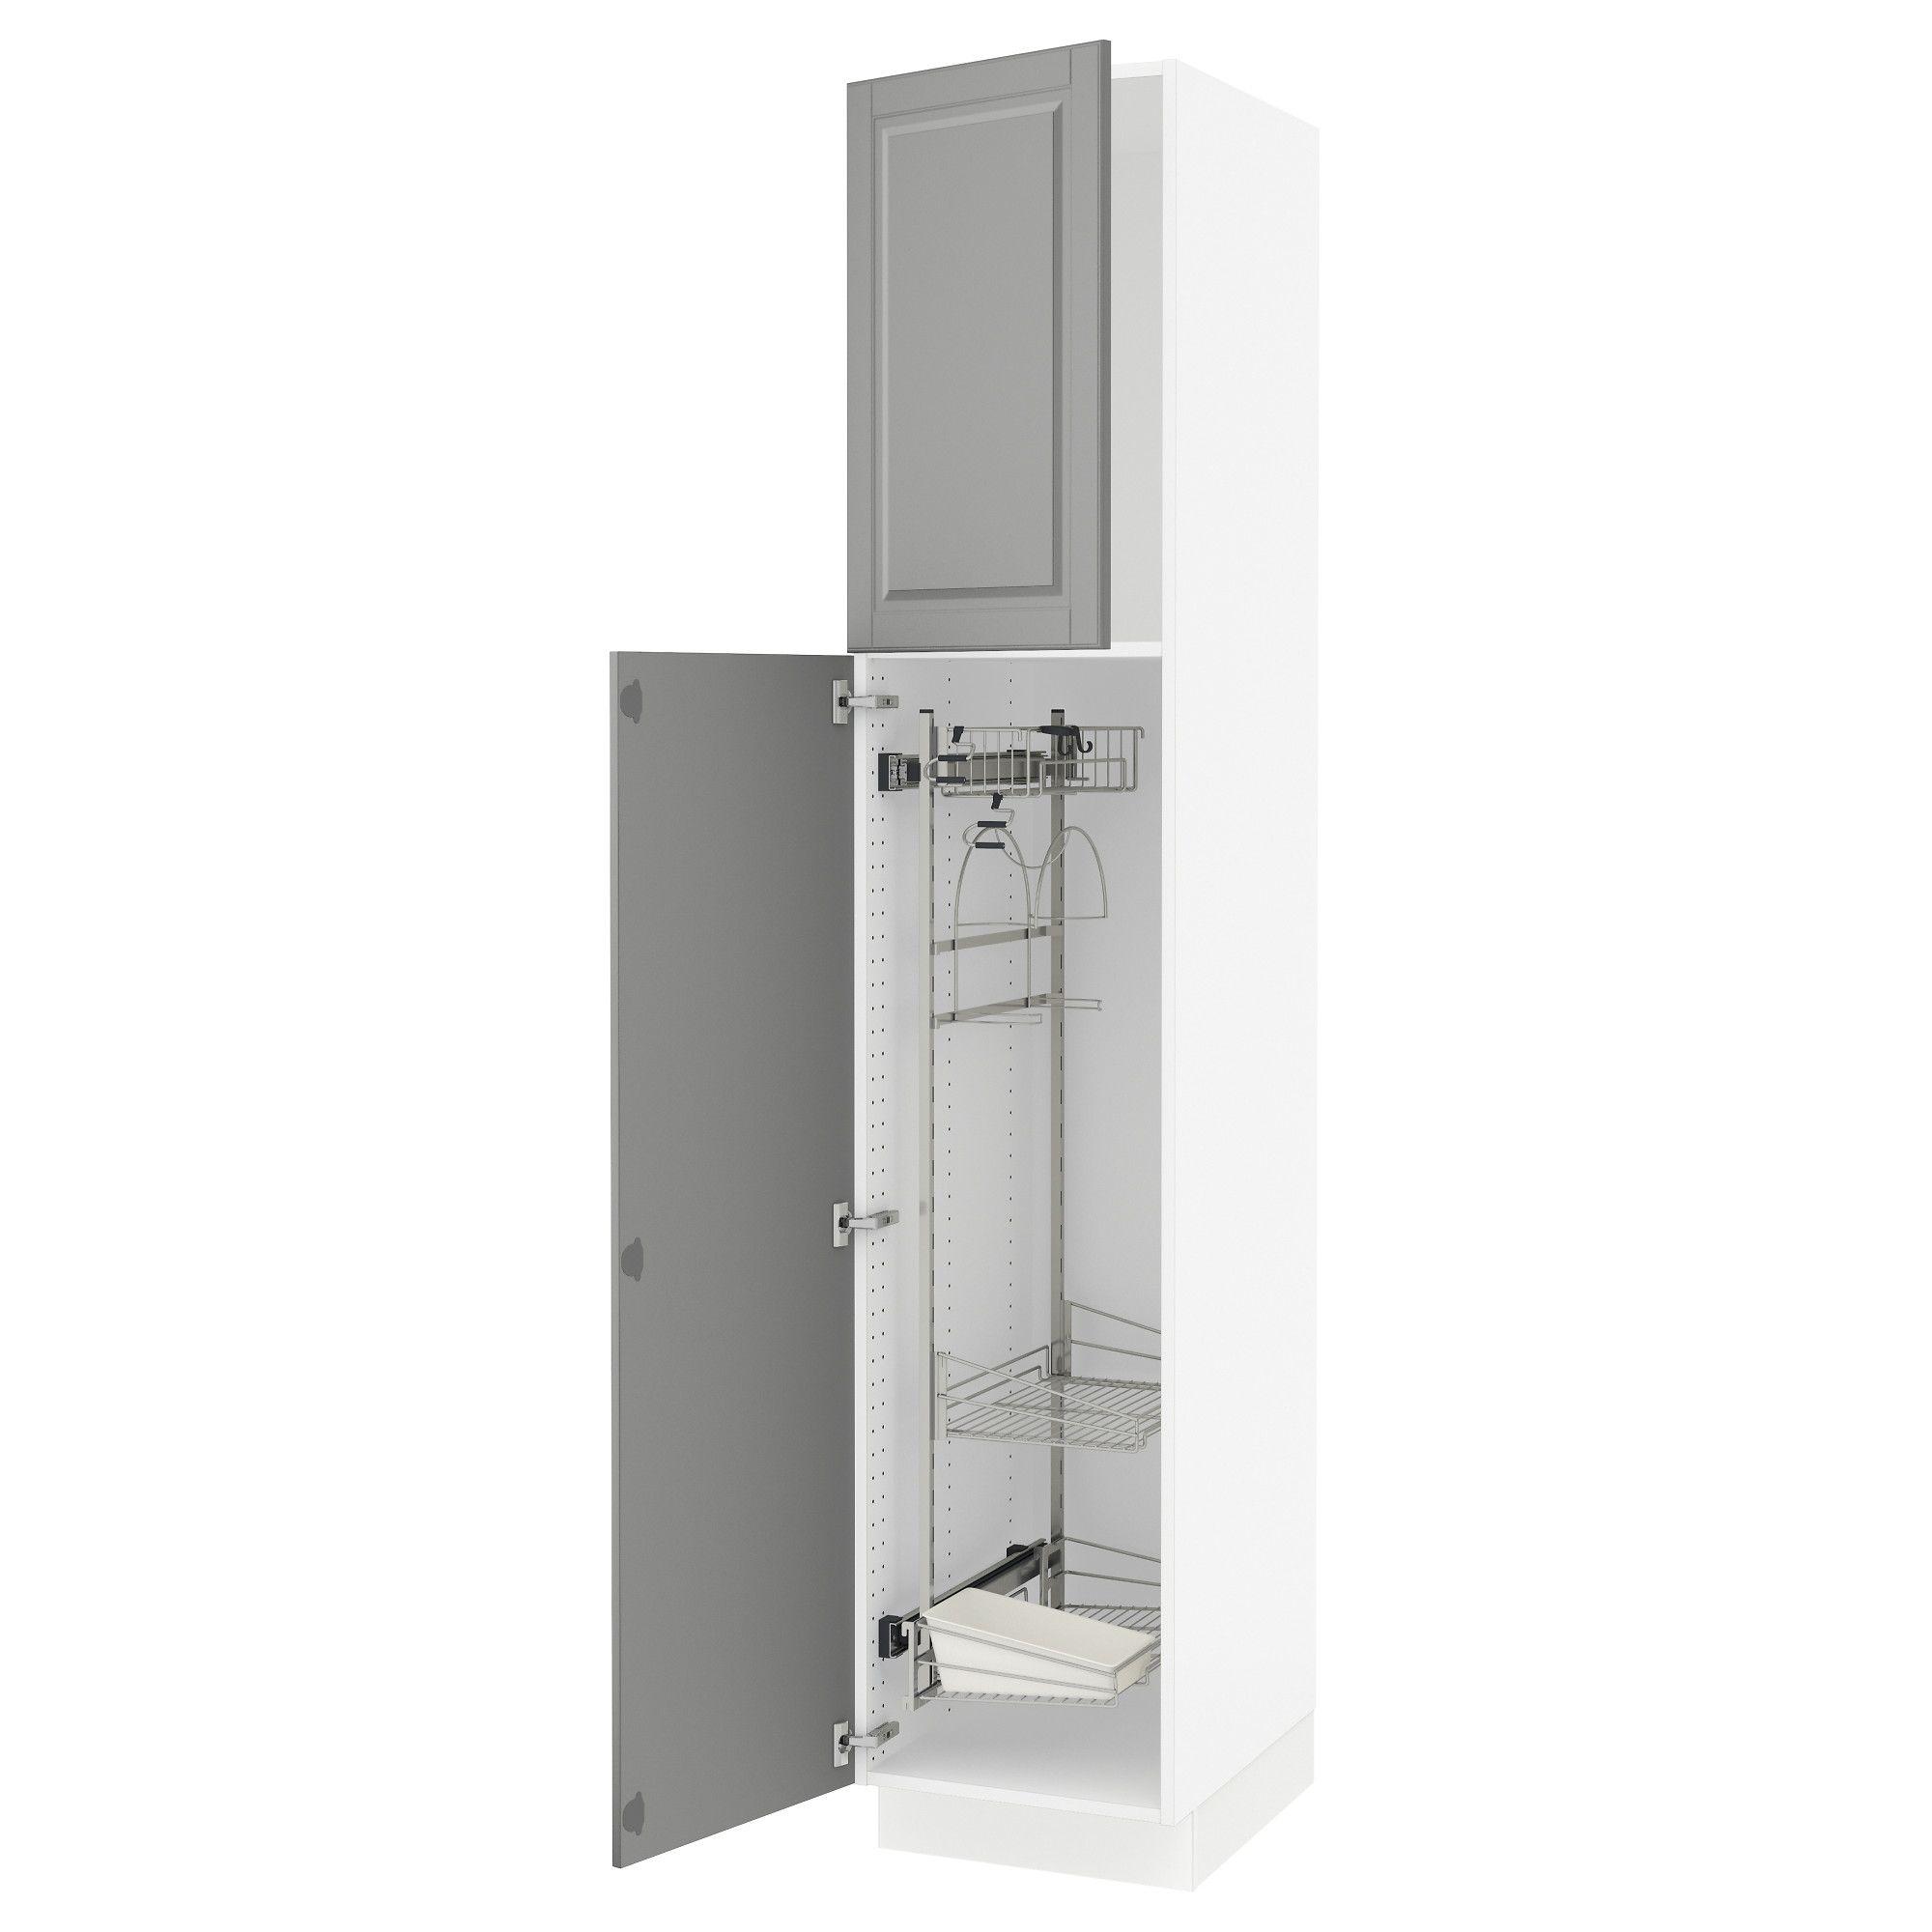 Ikea Us Furniture And Home Furnishings Tall Kitchen Cabinets Ikea Ikea Kitchen